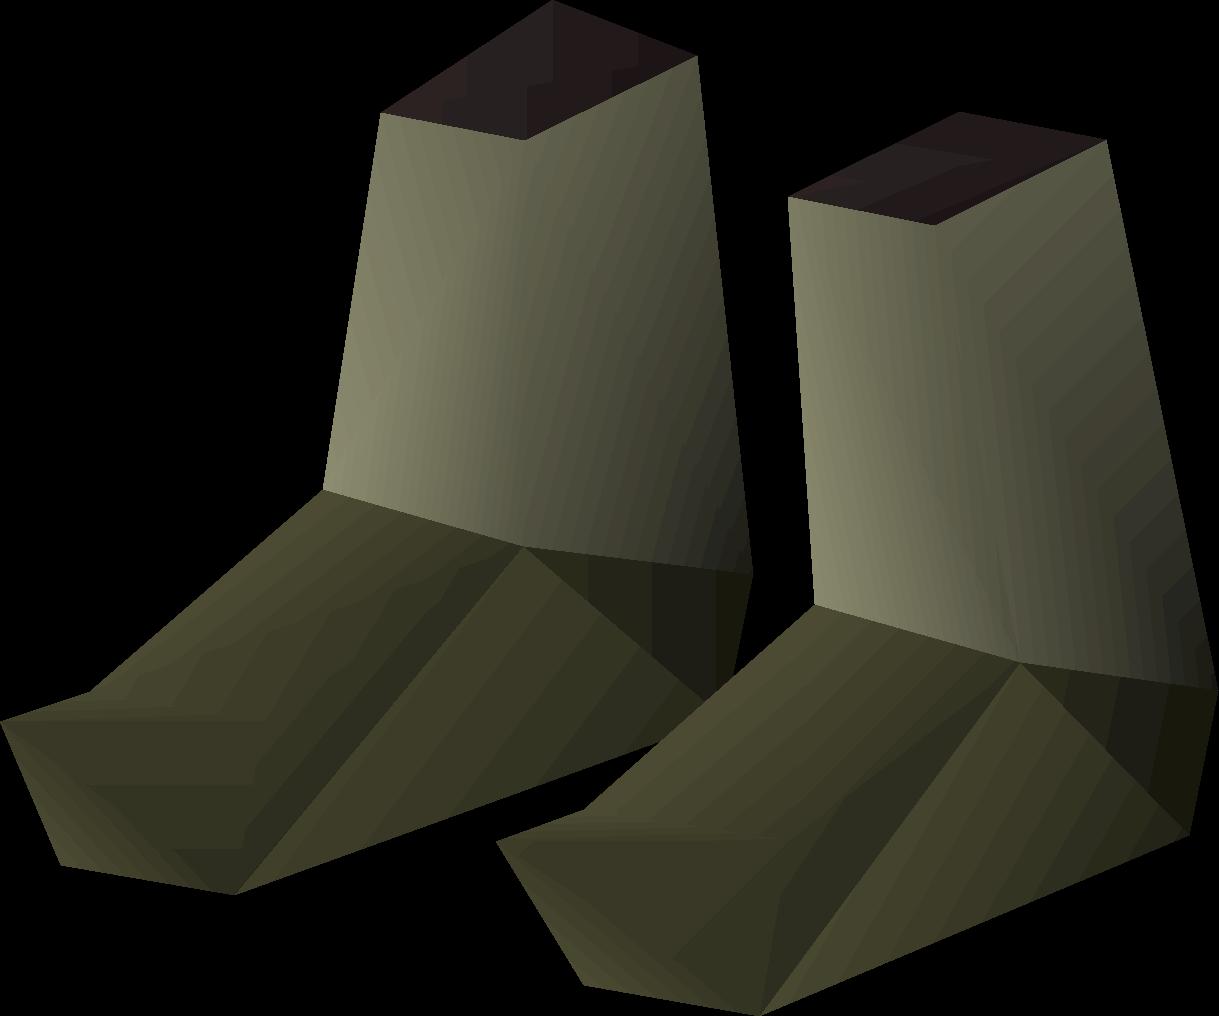 Snakeskin boots - OSRS Wiki